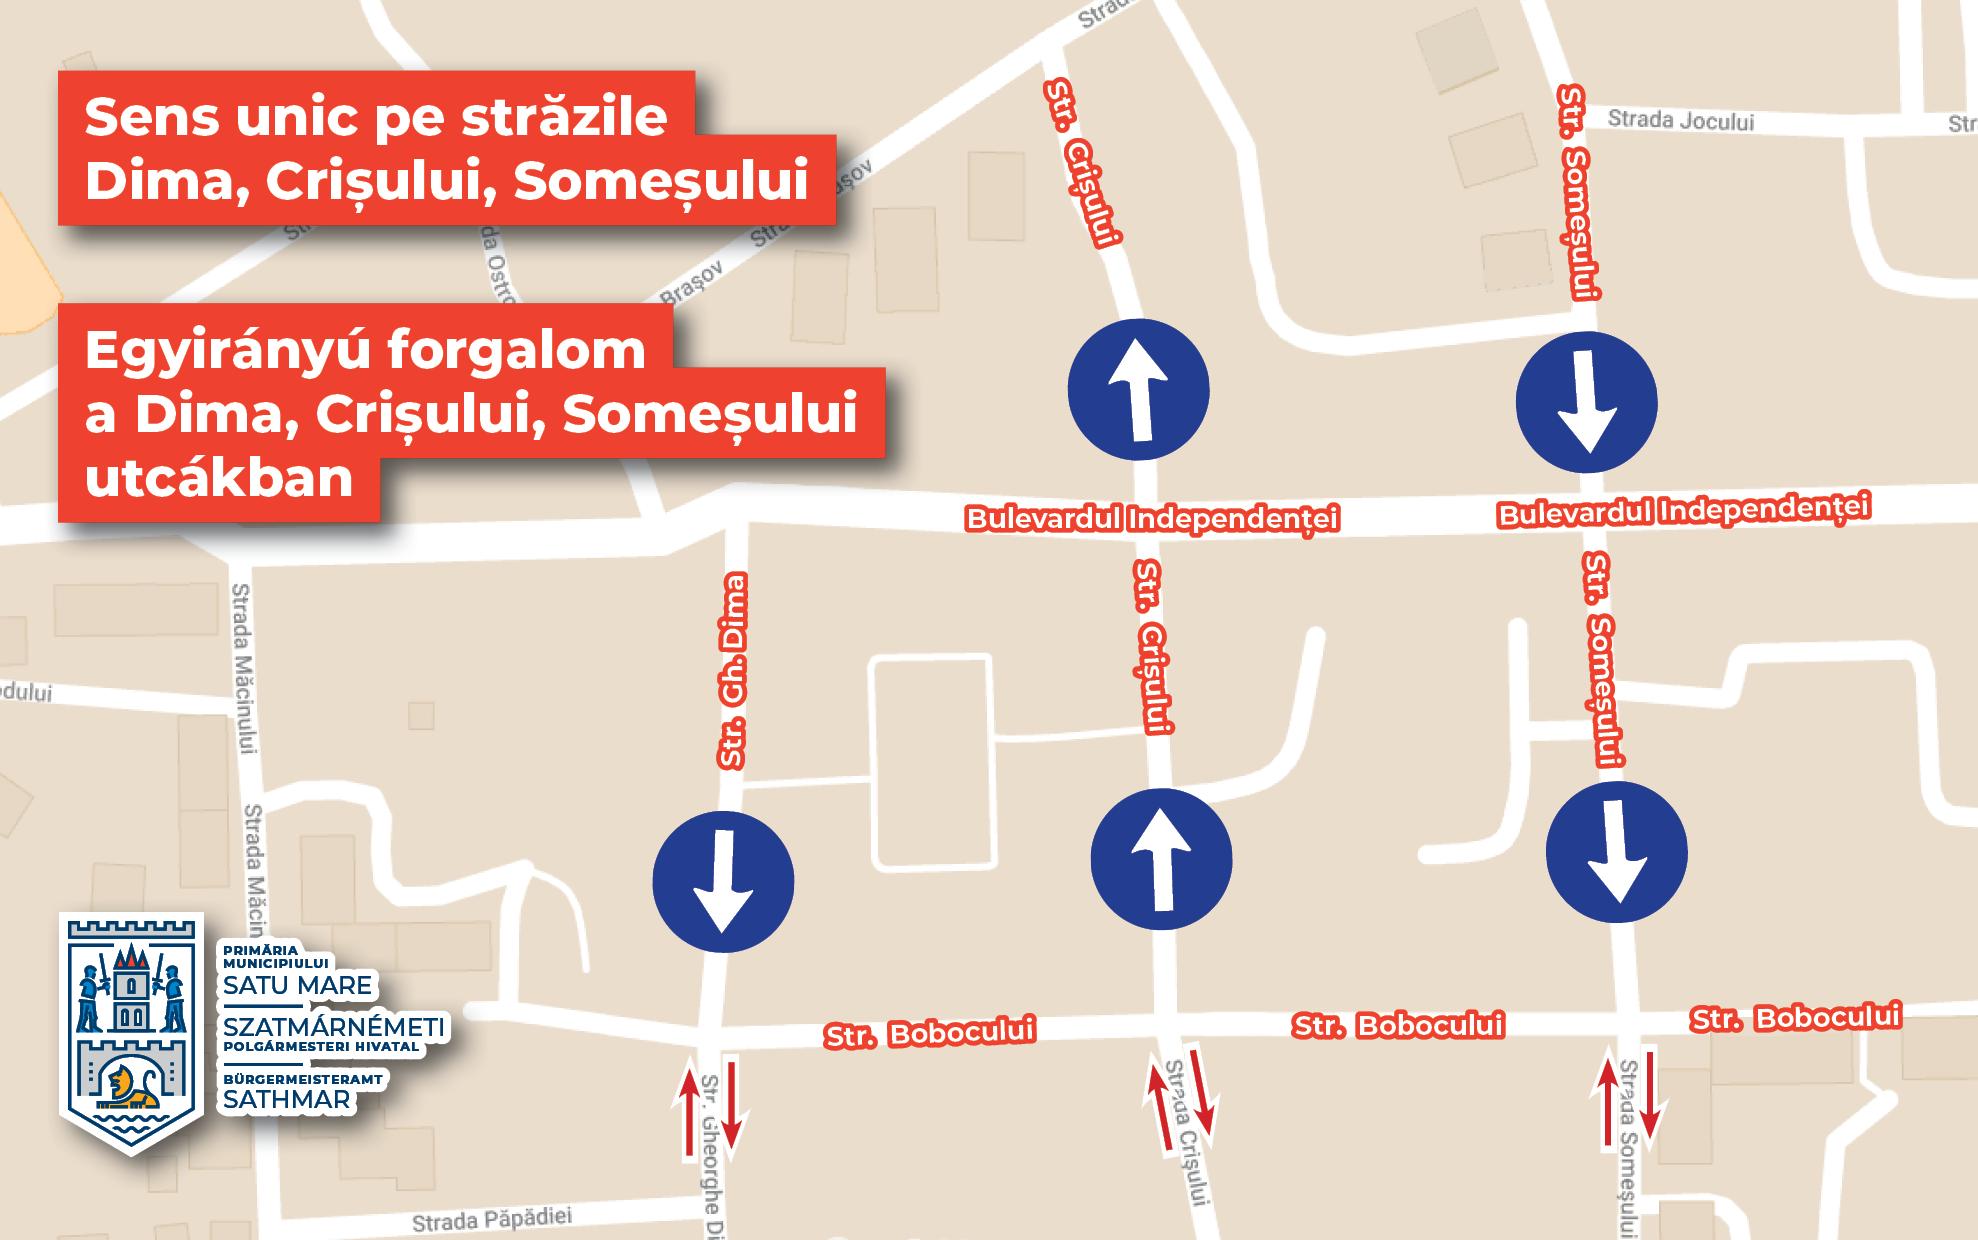 Sensuri unice pe mai multe străzi din Satu Mare